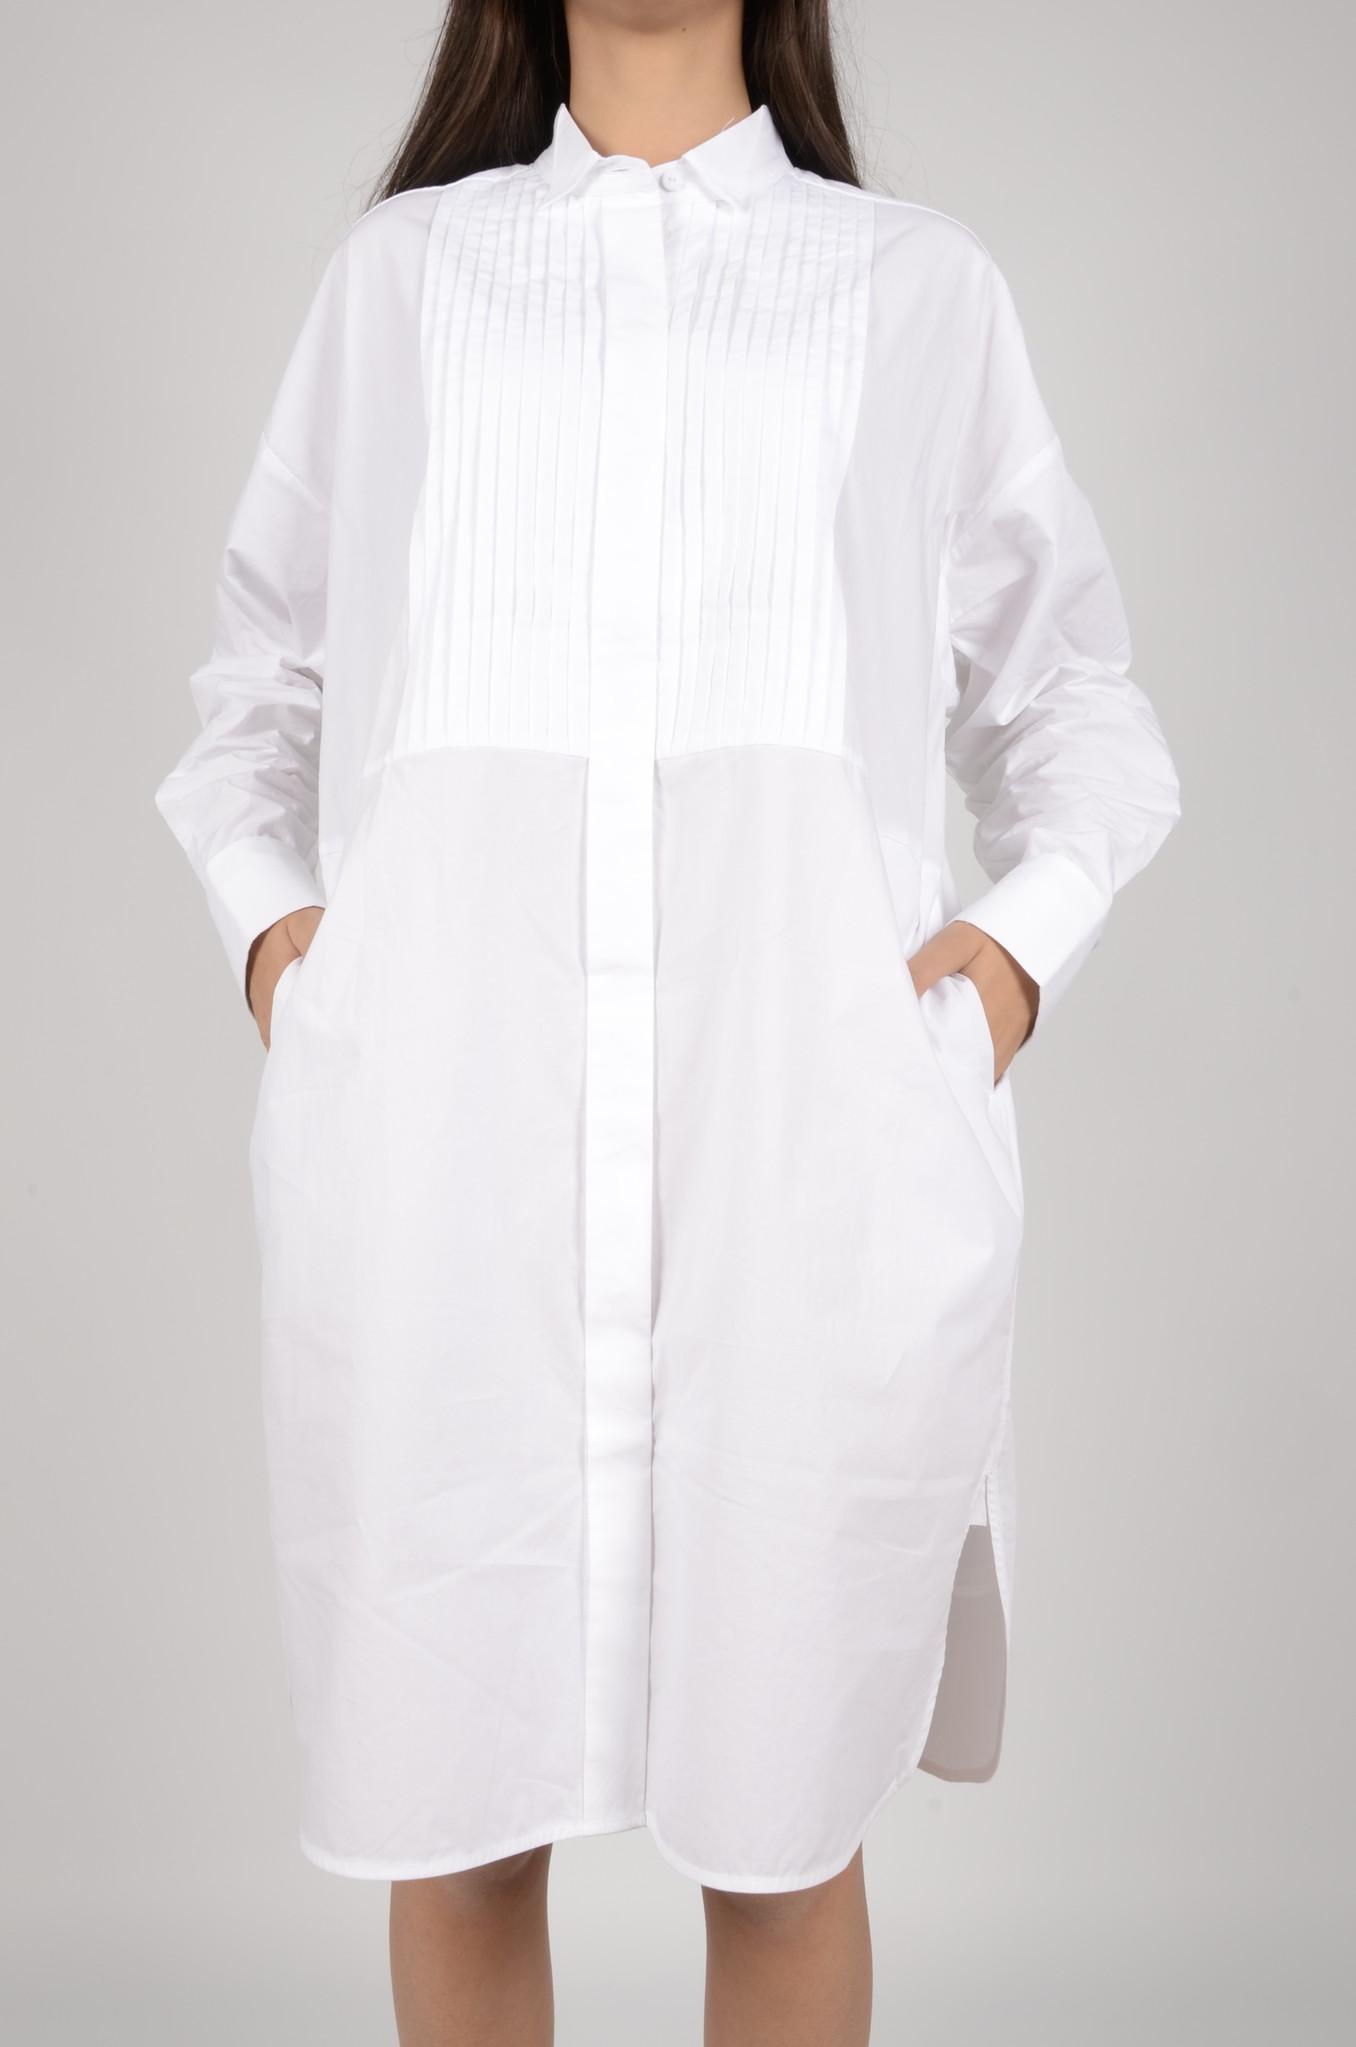 ANDREW DRESS-2